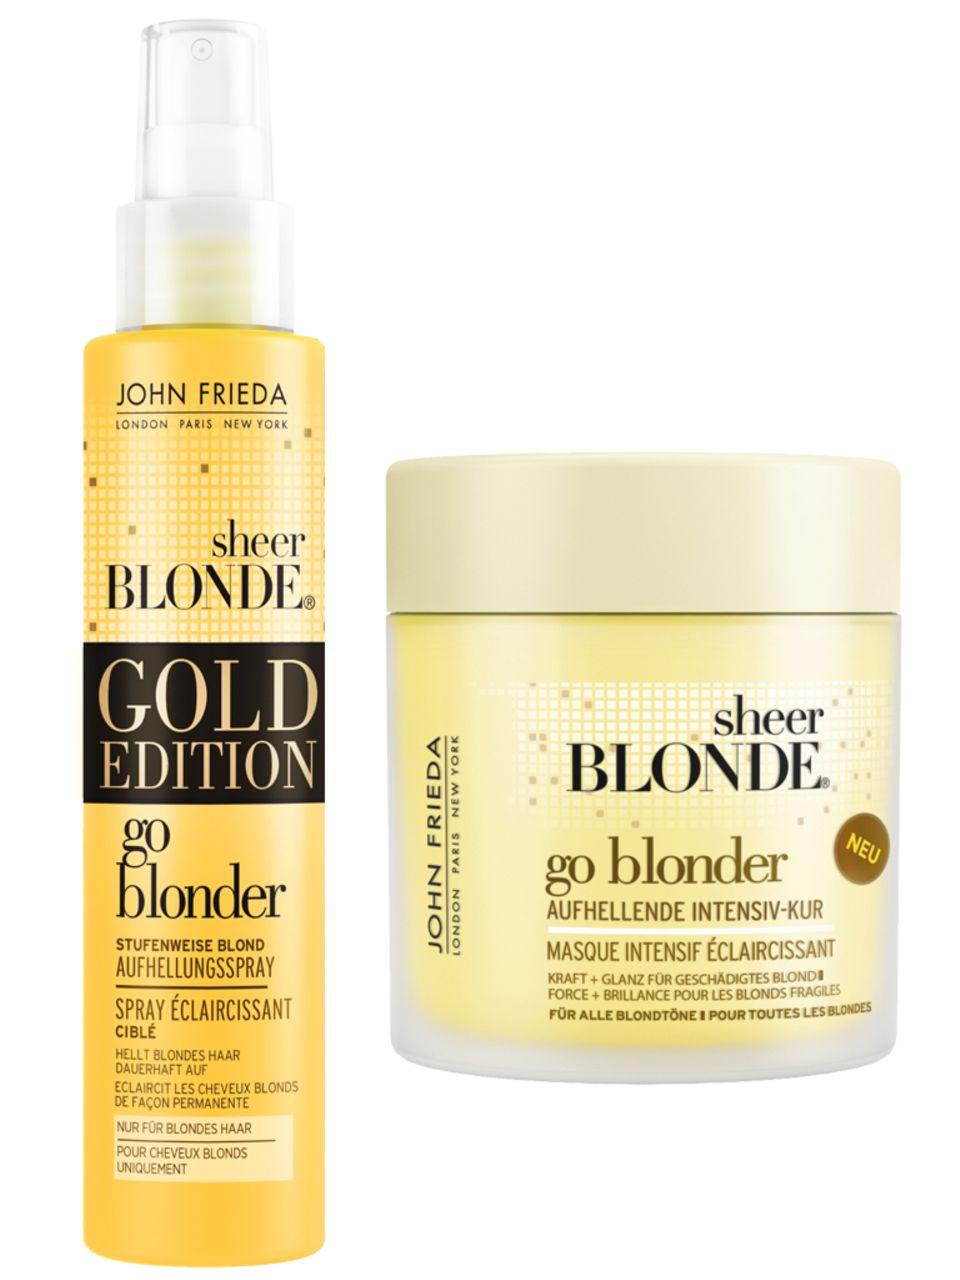 """Die aktuellen Favoriten von Blond-Profi Nicola Clarke: """"Gold Edition Sheer Blonde Go Blonder Stufenweise Blond Aufhellungsspray"""", 100 ml, 7 Euro (limitiert) und """"Sheer Blonde Go Blonder Aufhellende Intensiv-Kur"""", 150 ml, ca. 7 Euro. Beides von John Frieda"""